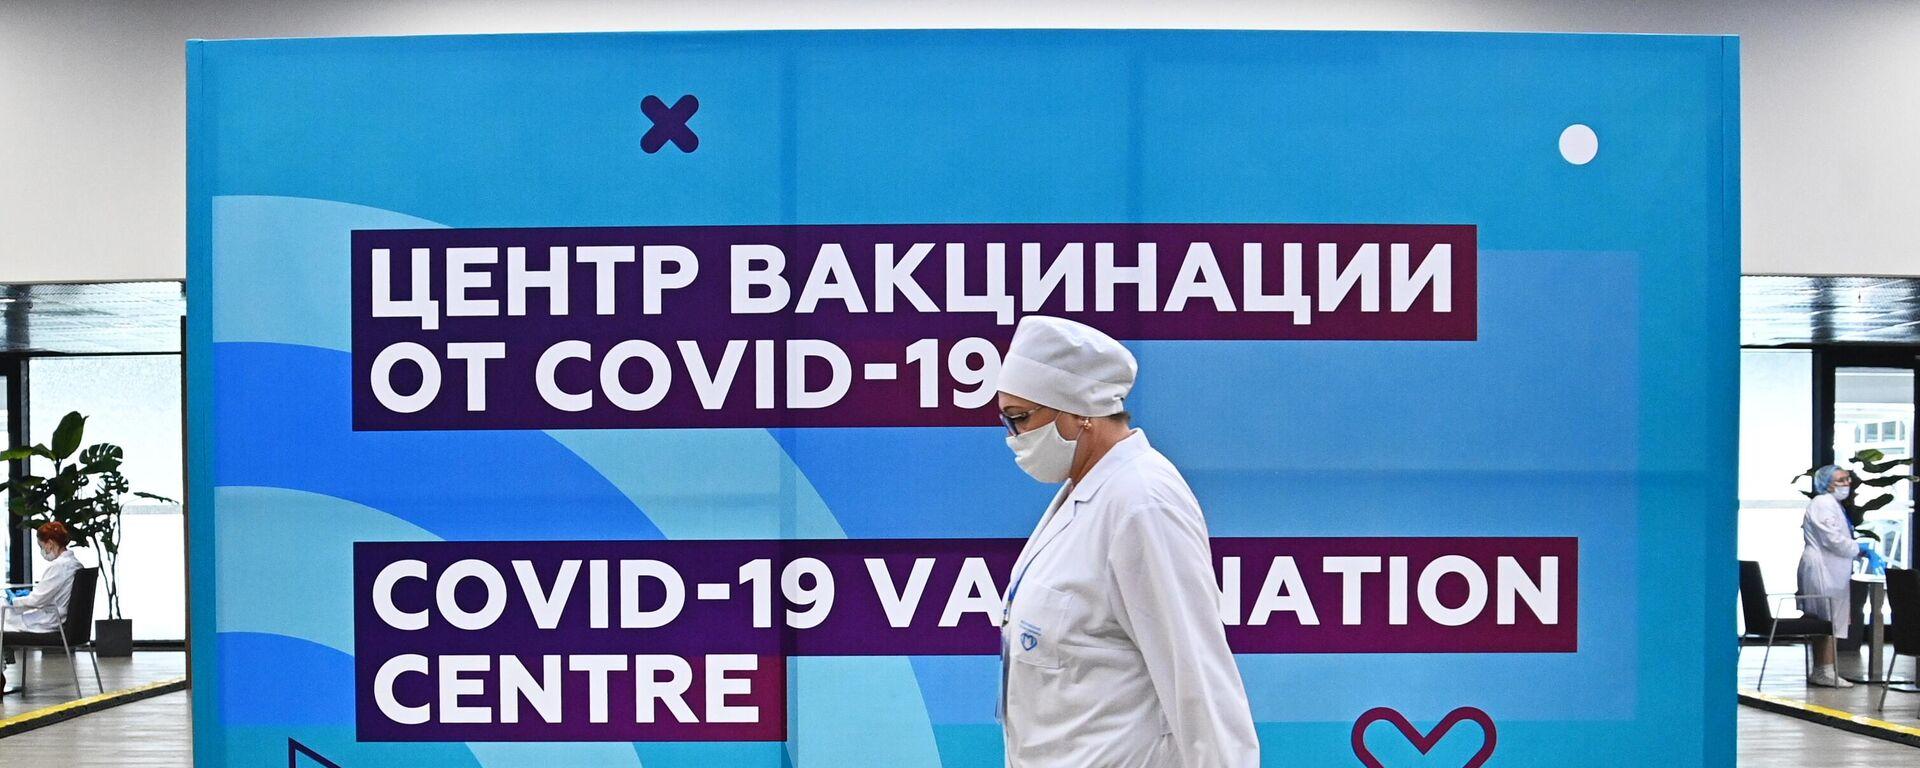 Tsentr vaktsinatsii ot COVID-19 na stadione Lujniki - Sputnik Oʻzbekiston, 1920, 09.07.2021